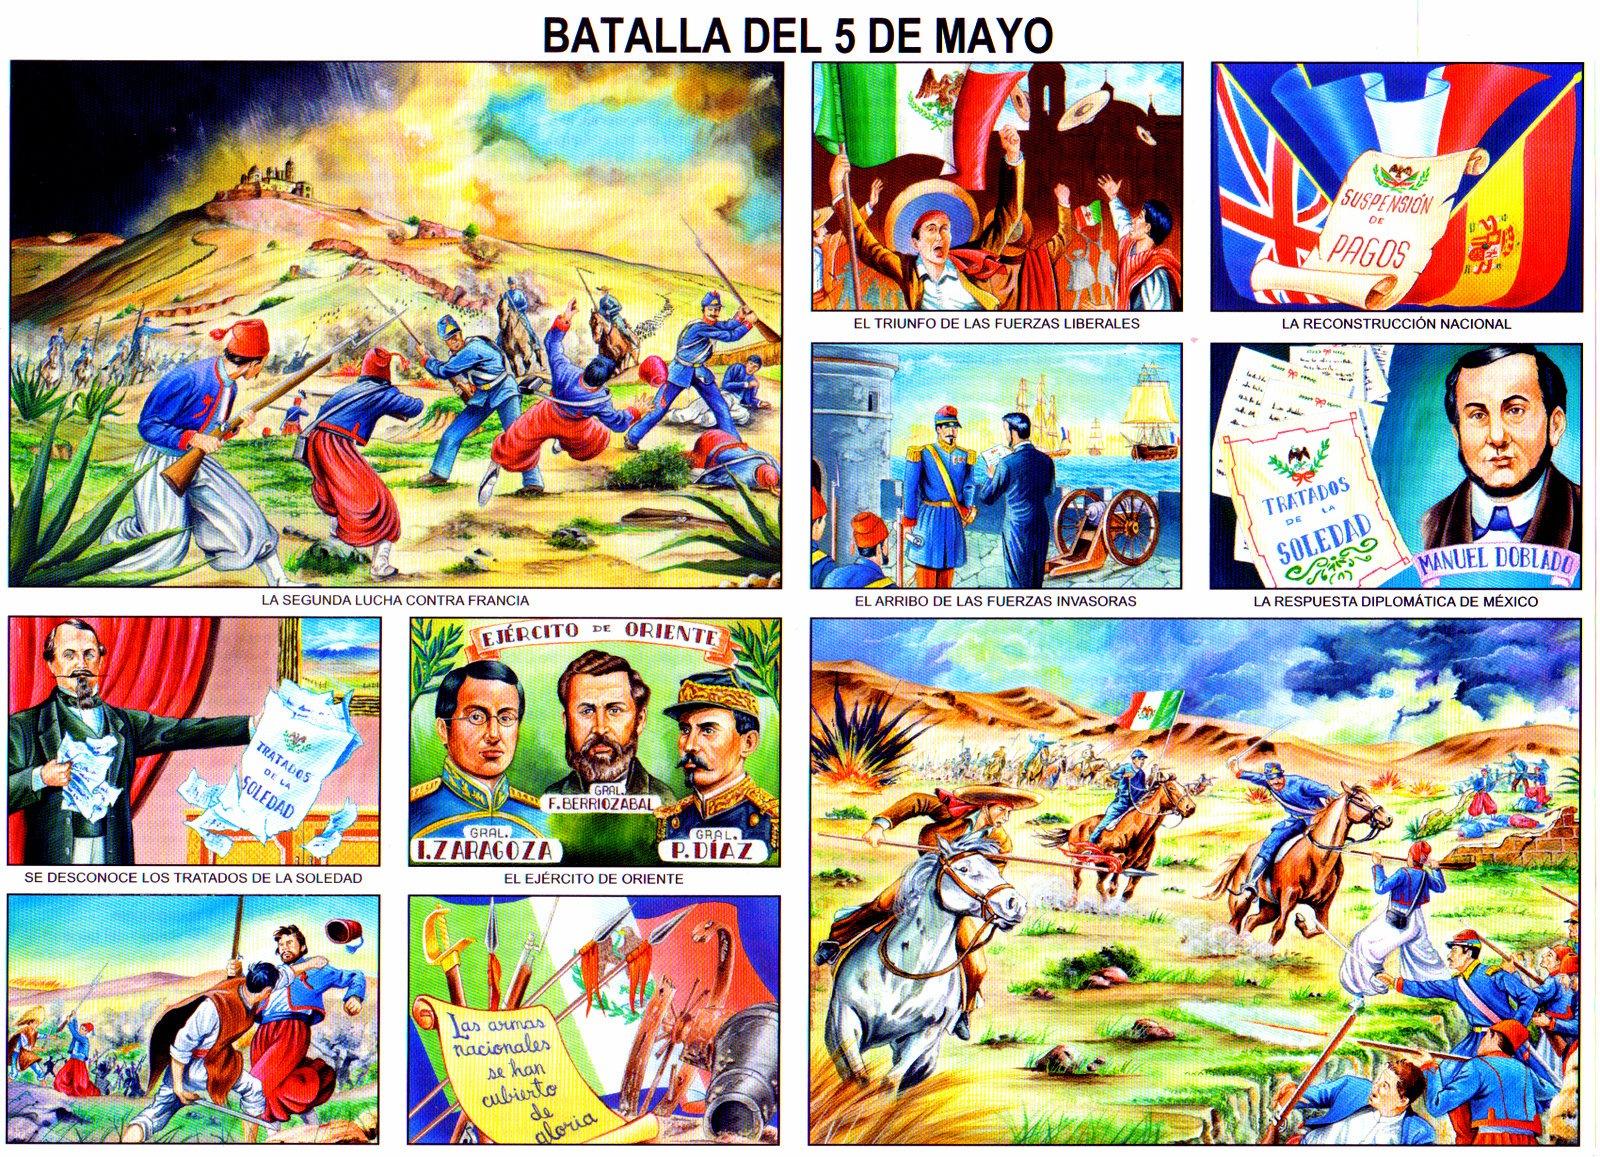 La batalla del 5 de mayo [Monografía]